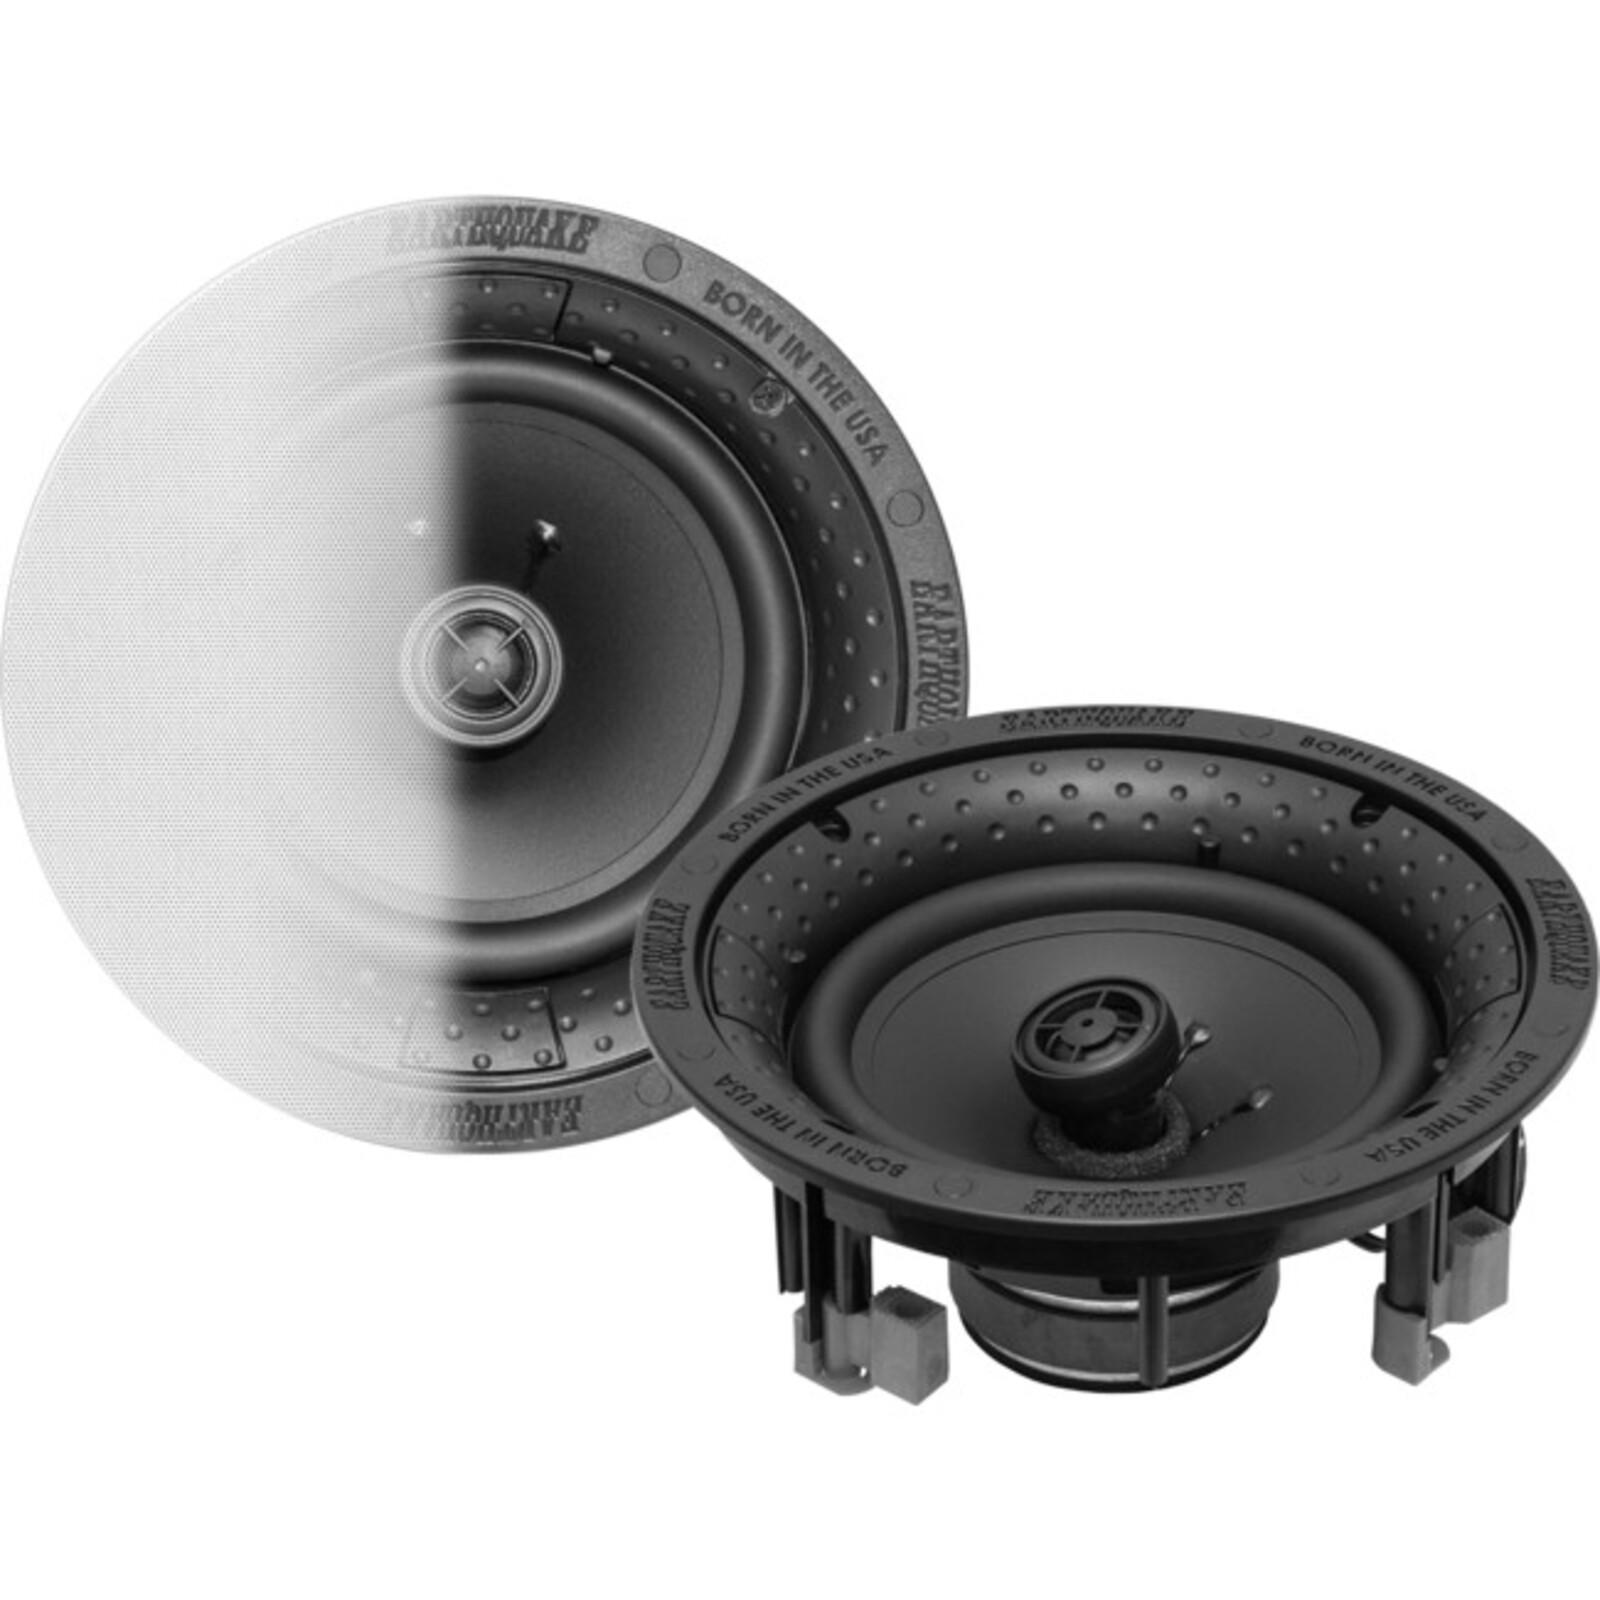 """Earthquake 8""""Reference Ceiling Speakers Edgeless Design For Seamless Blend 8""""Reference Ceiling Speakers Edgeless Spk Pair"""